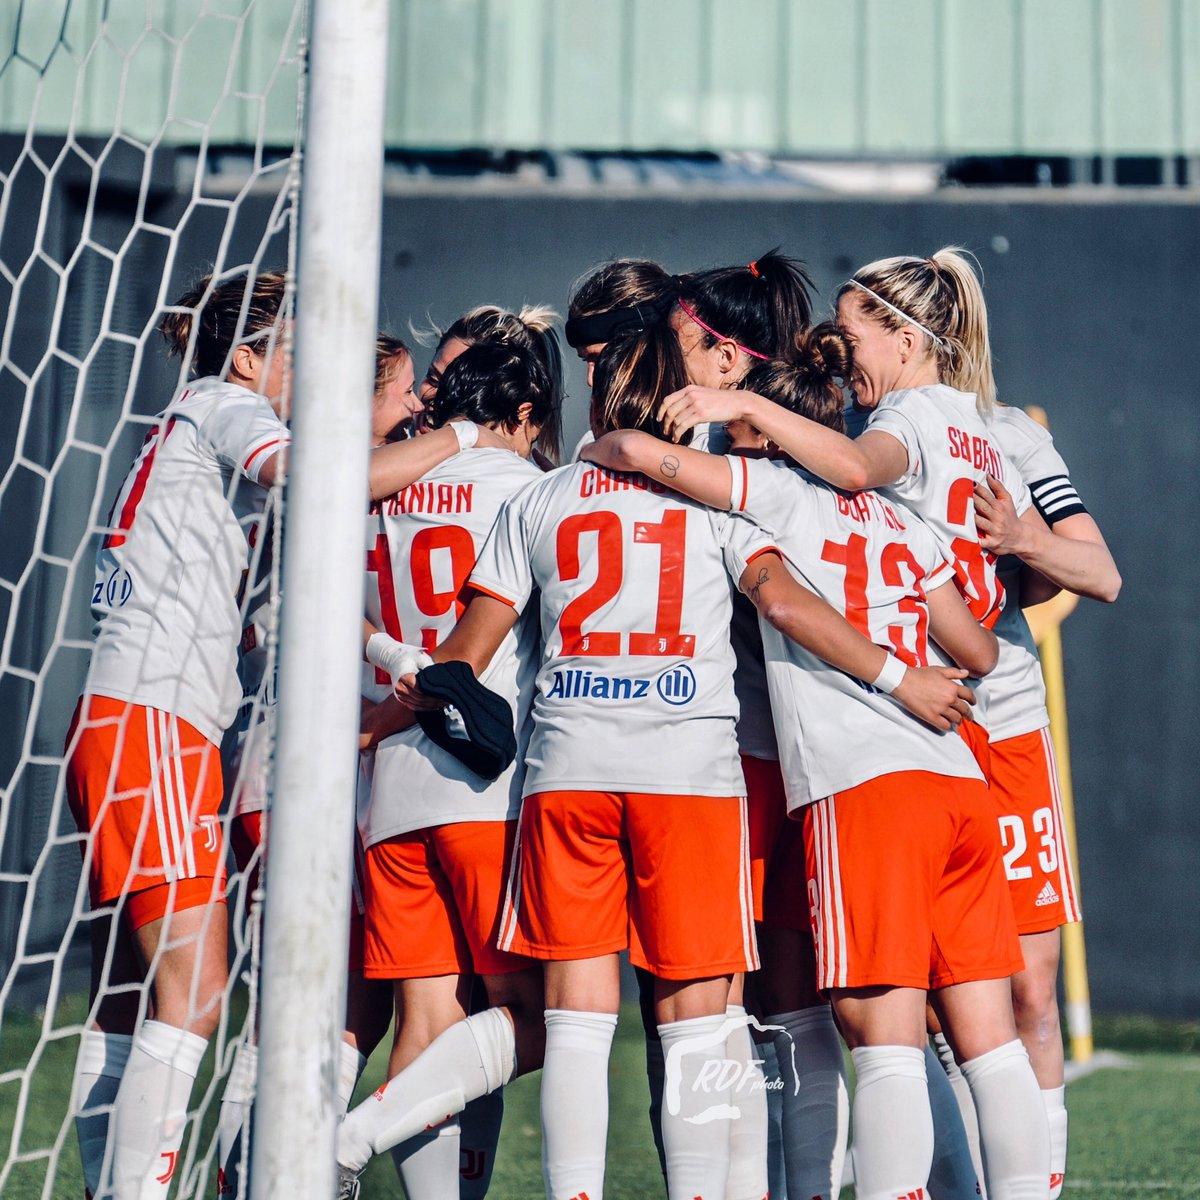 Un +3 bello e molto importante!🔥 Felice per il primo gol con la maglia della @juventus della nostra super @tuijahyy 🥰⚽️ #VeronaJuventus 0-4 ⚪️⚫️ #Together #MR8🎱